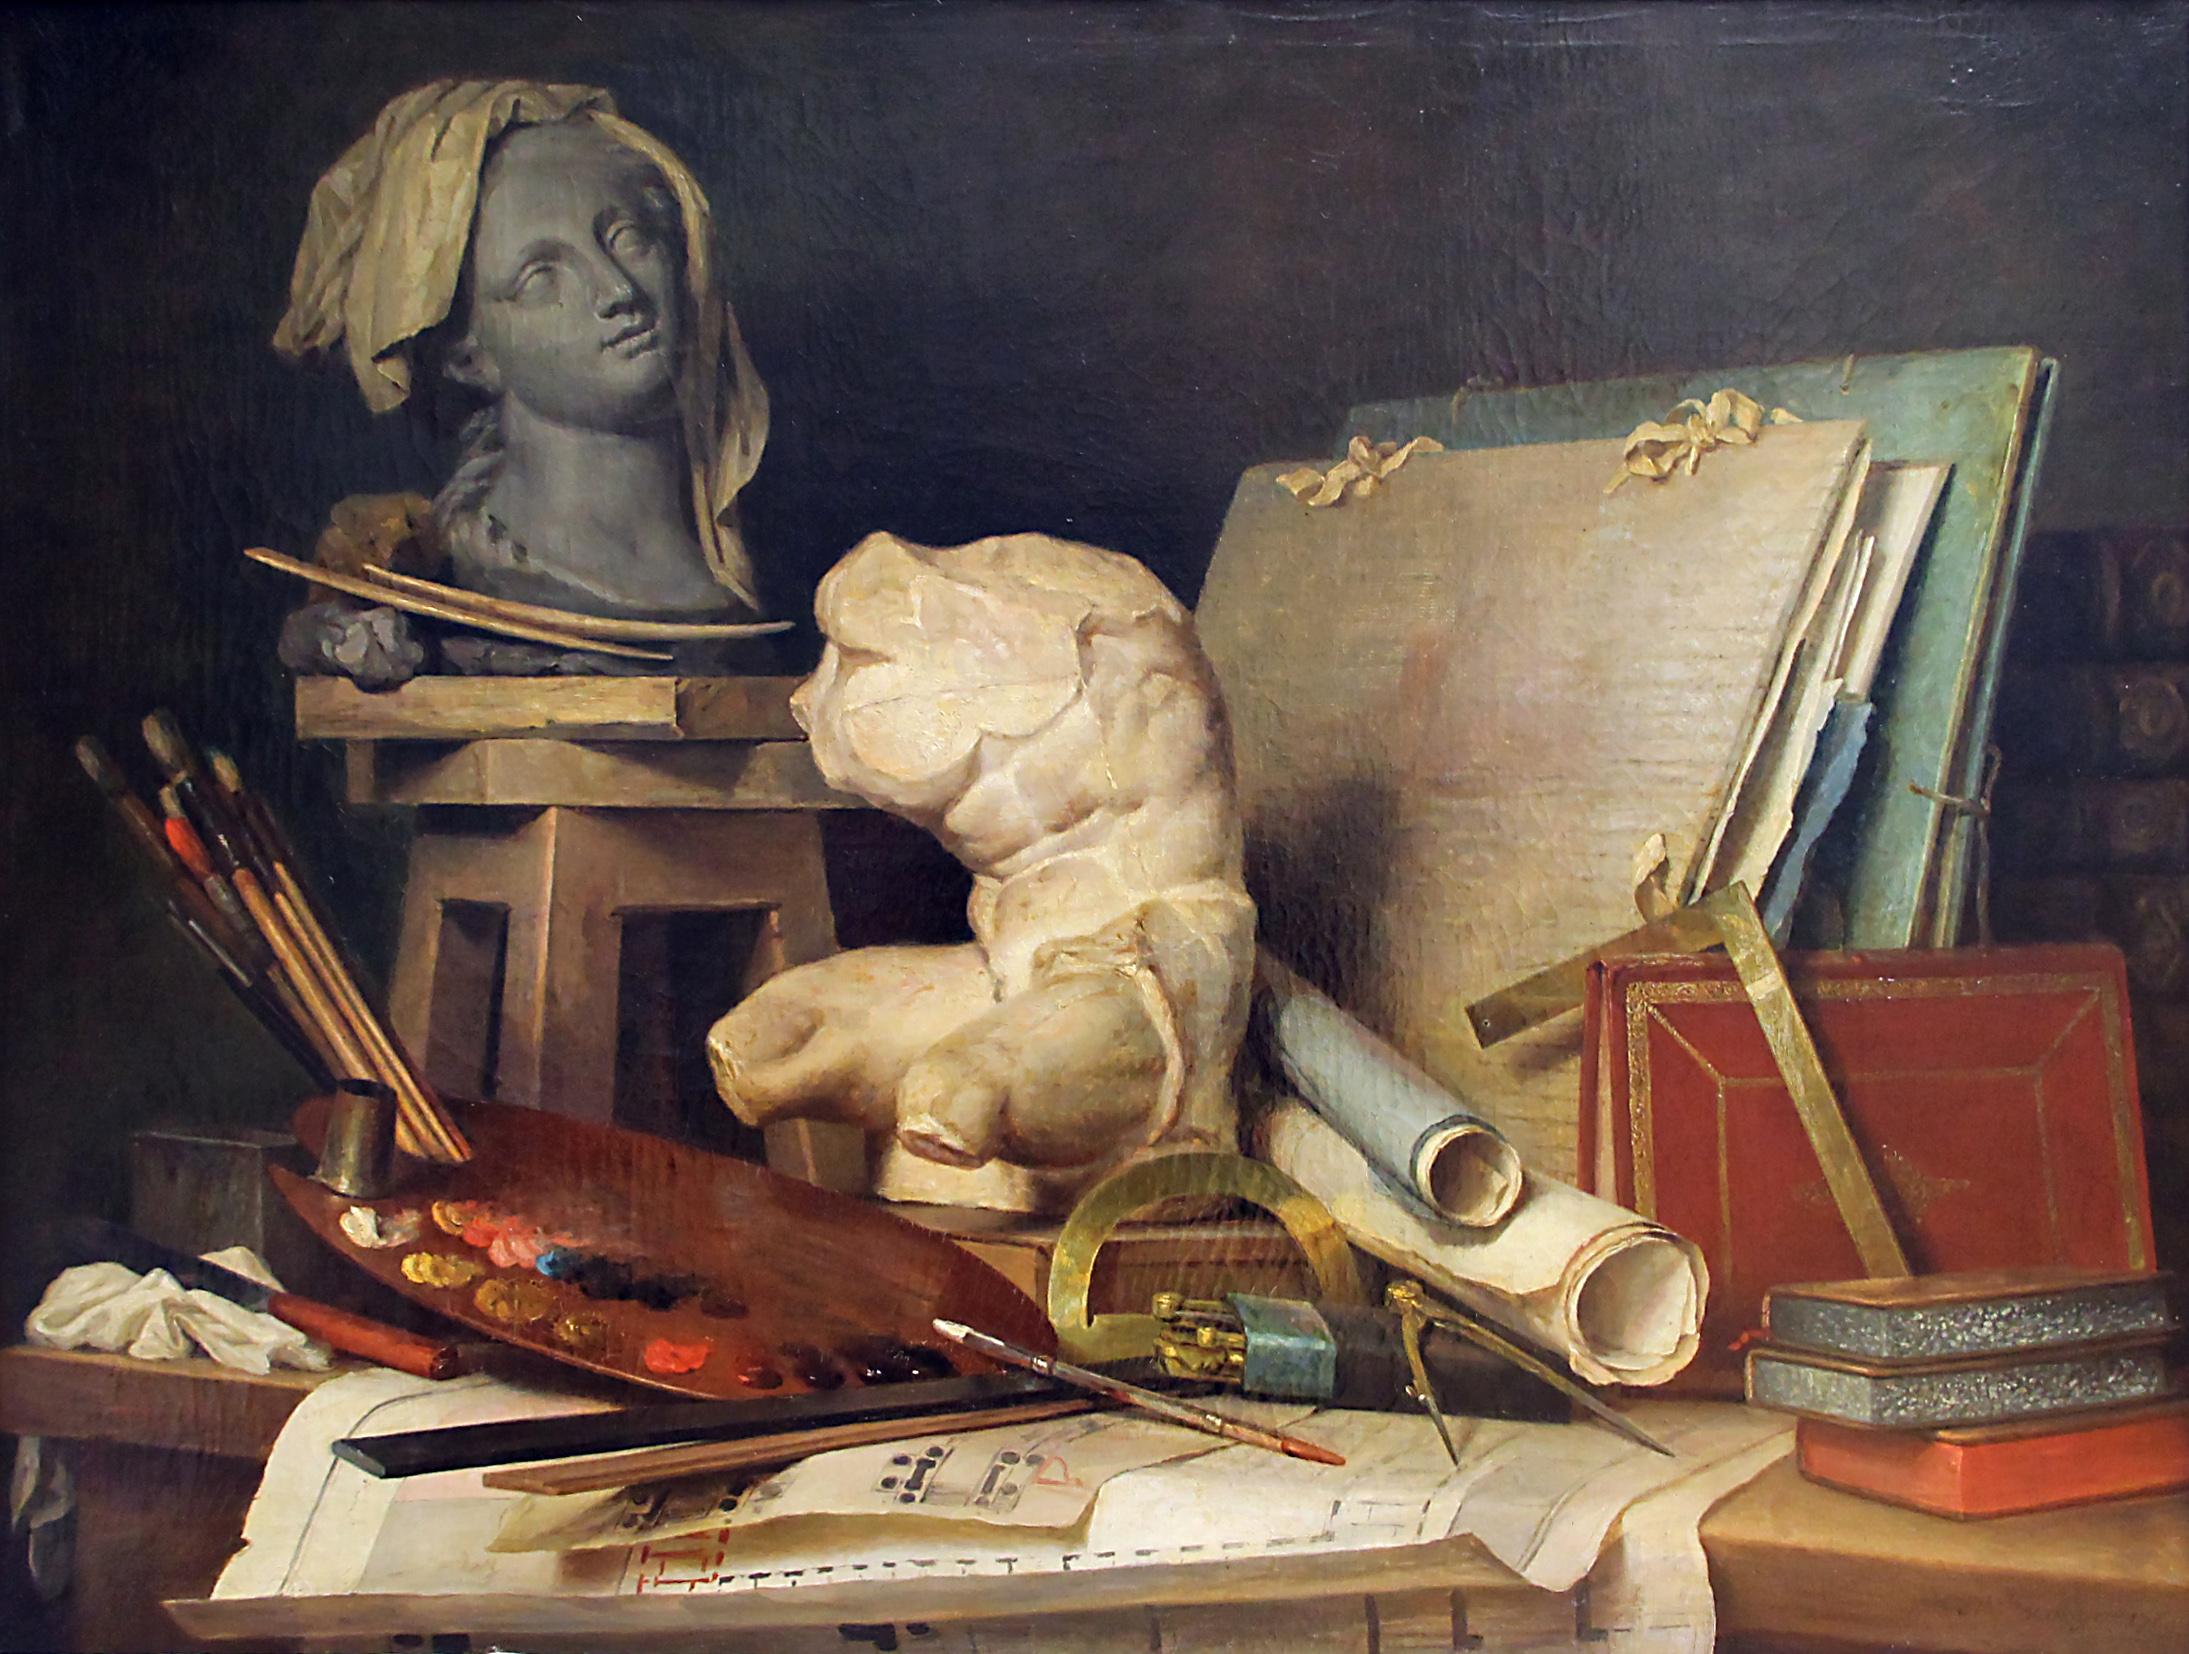 """Résultat de recherche d'images pour """"L'ART DE PEINDRE"""""""